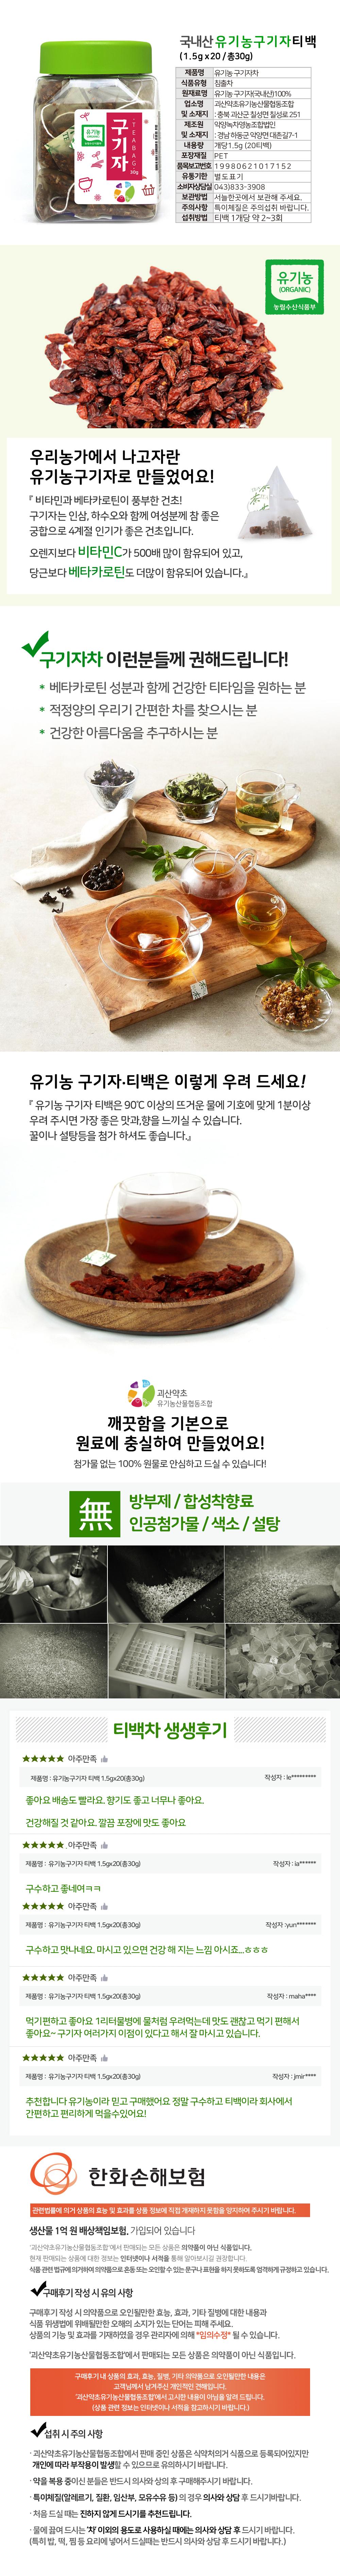 유기농구기자 티백 1.5gx20(총30g) - 초능력, 18,000원, 차, 우롱차/전통차/한방차